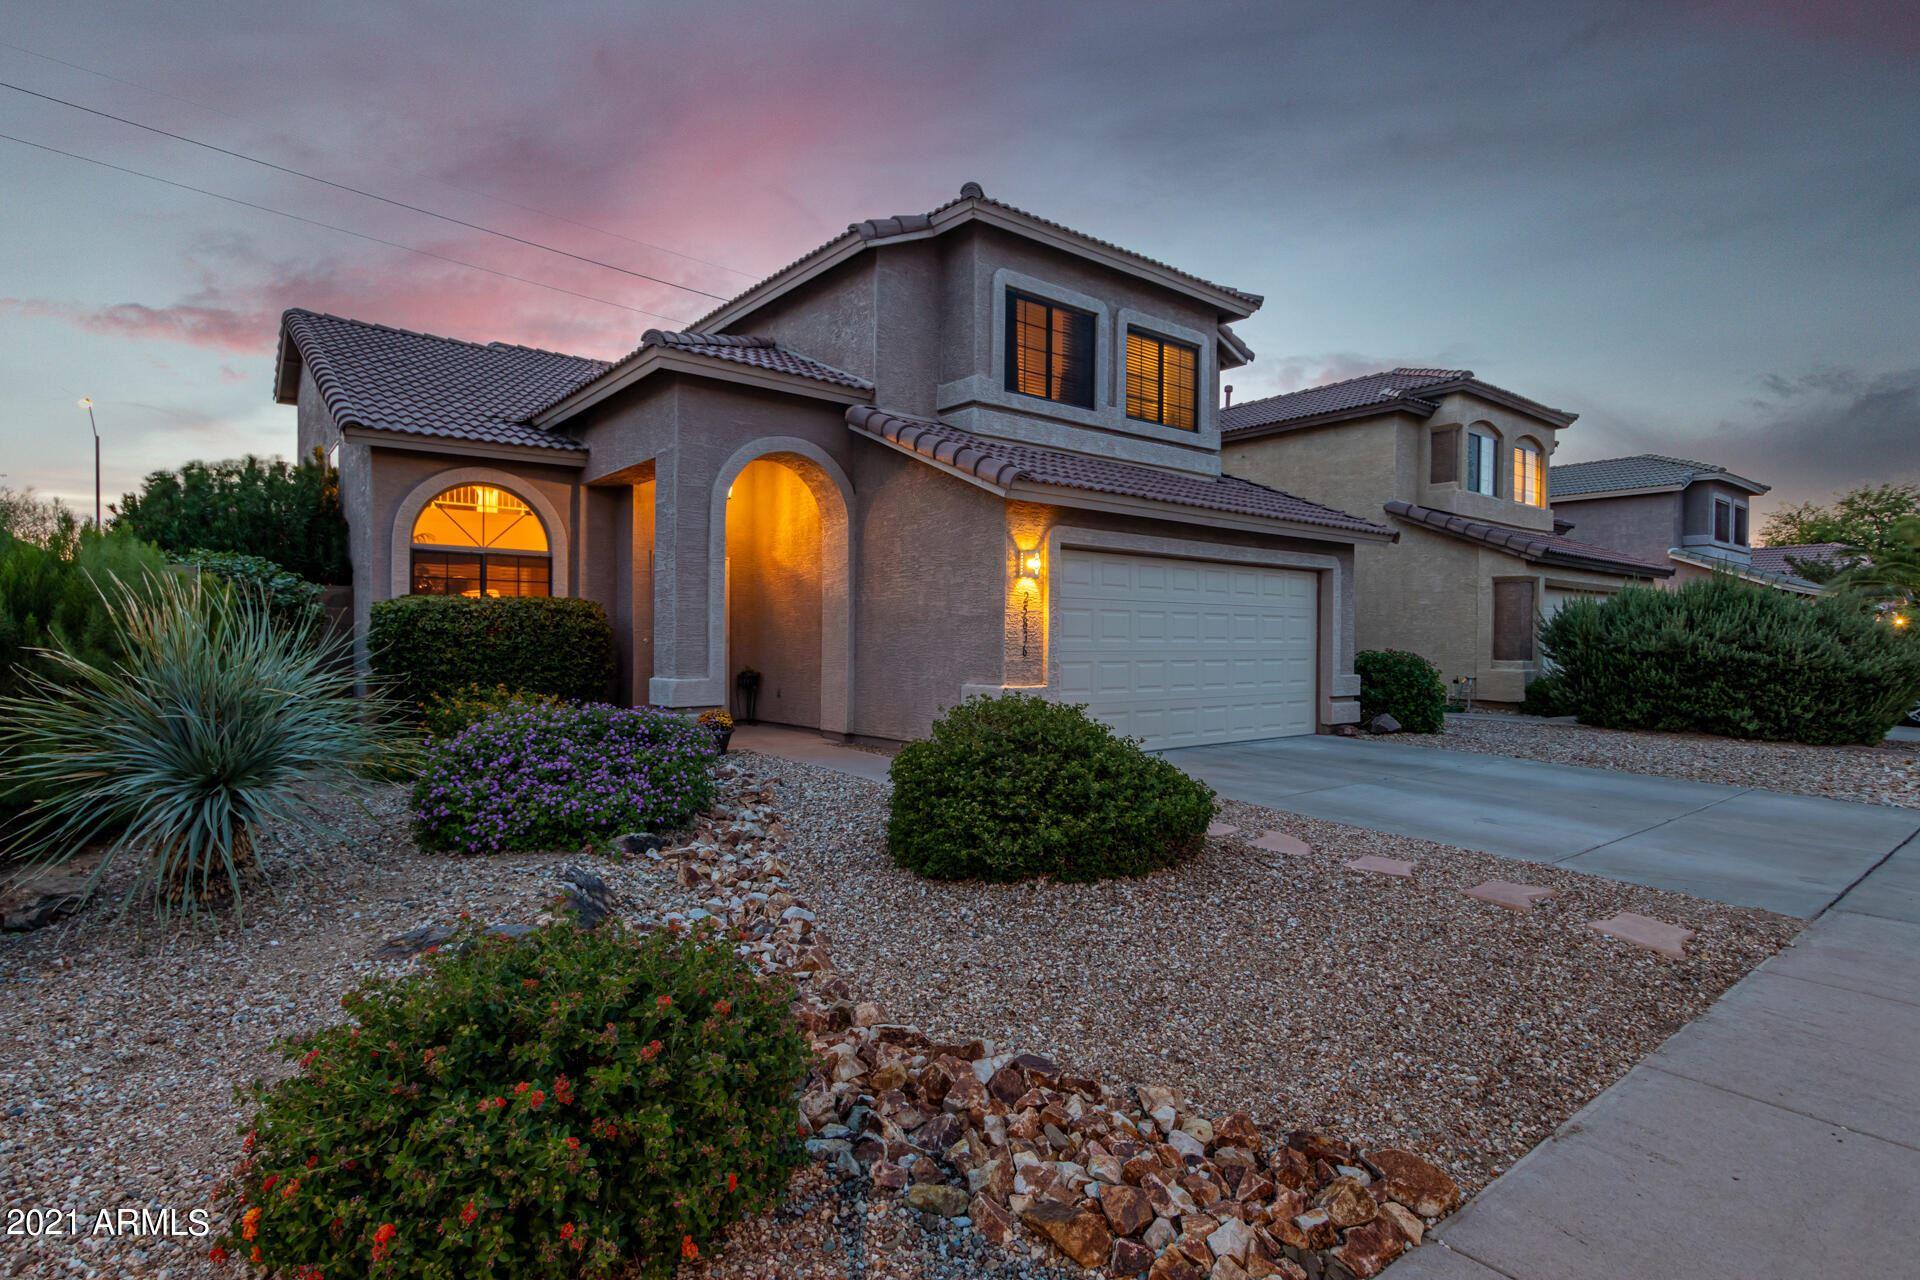 25836 N 66th Drive, Phoenix, AZ 85083 - MLS#: 6295857